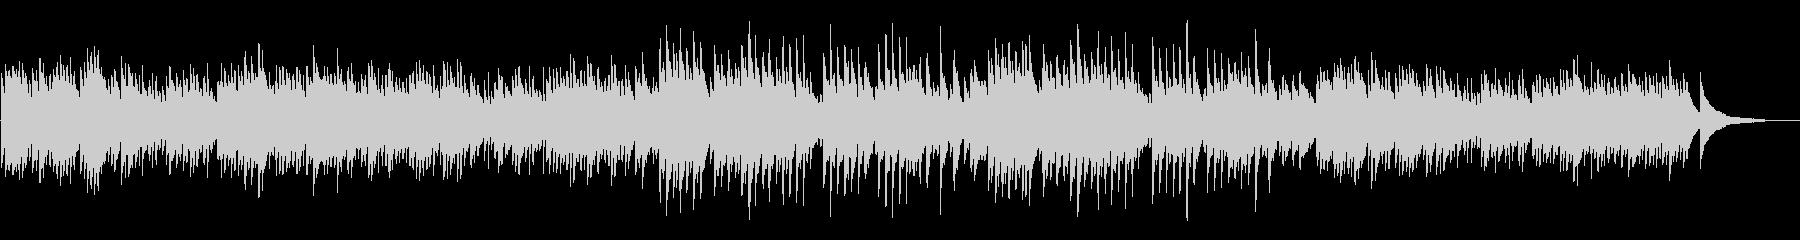 癒しアンビエント睡眠系ヒーリングピアノの未再生の波形